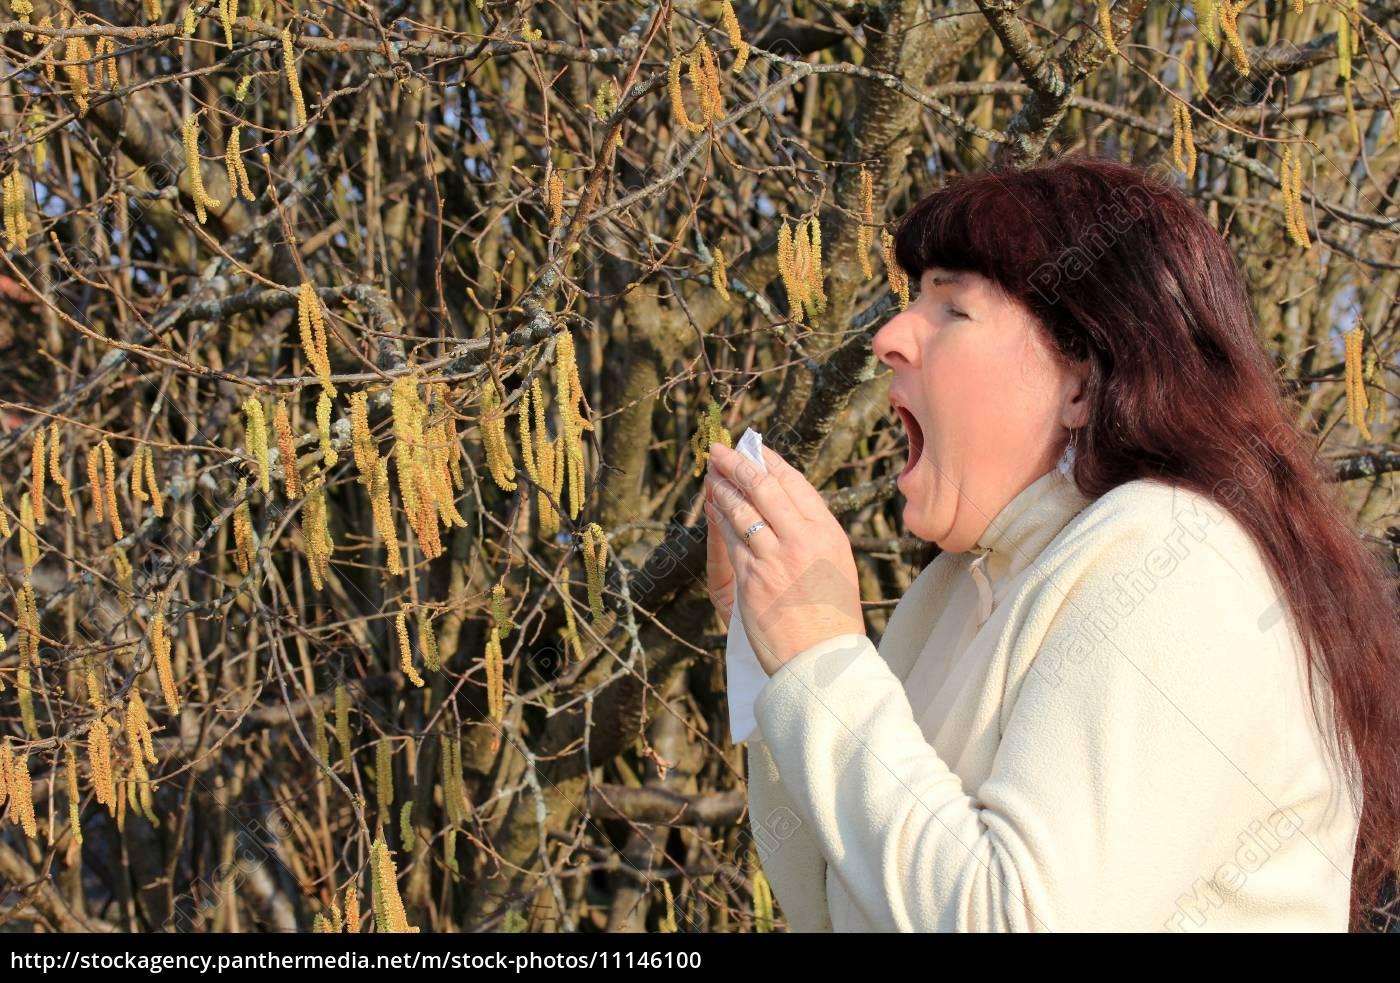 alergias, en, primavera - 11146100